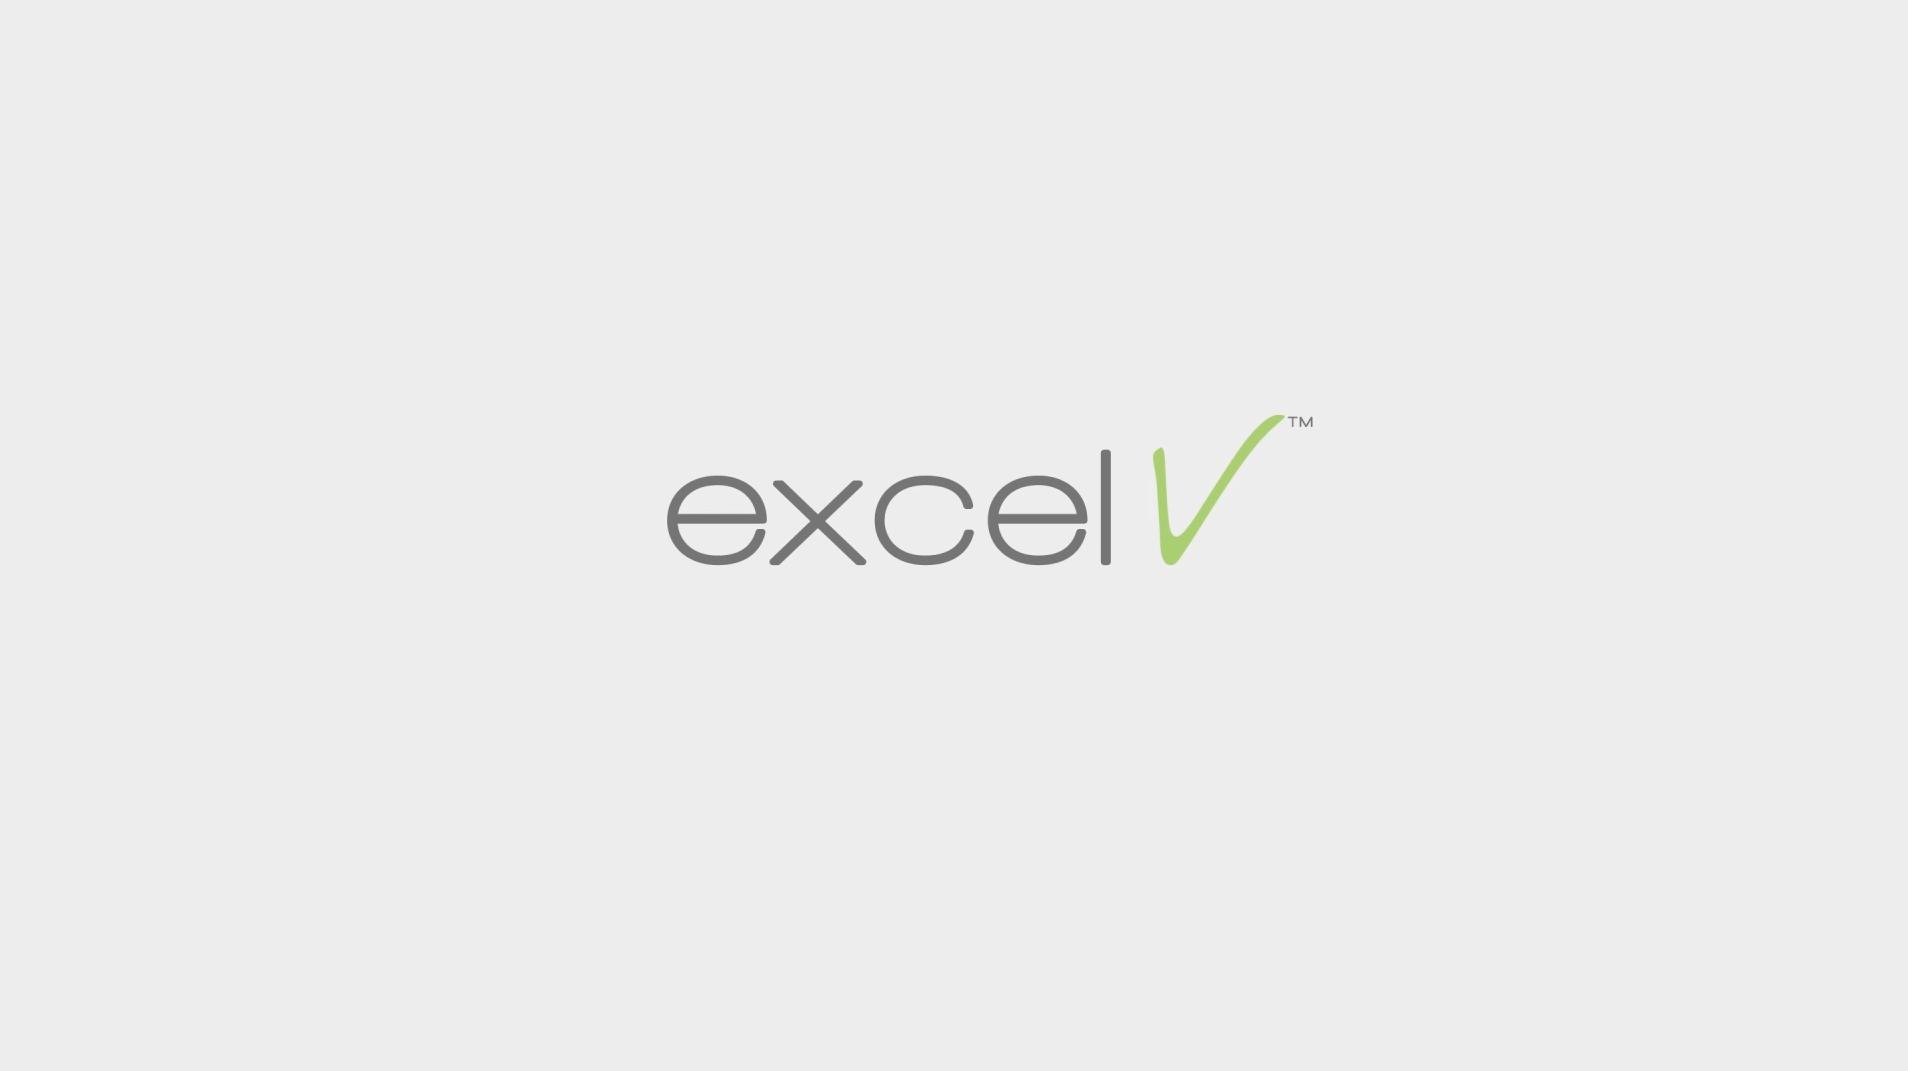 excel V